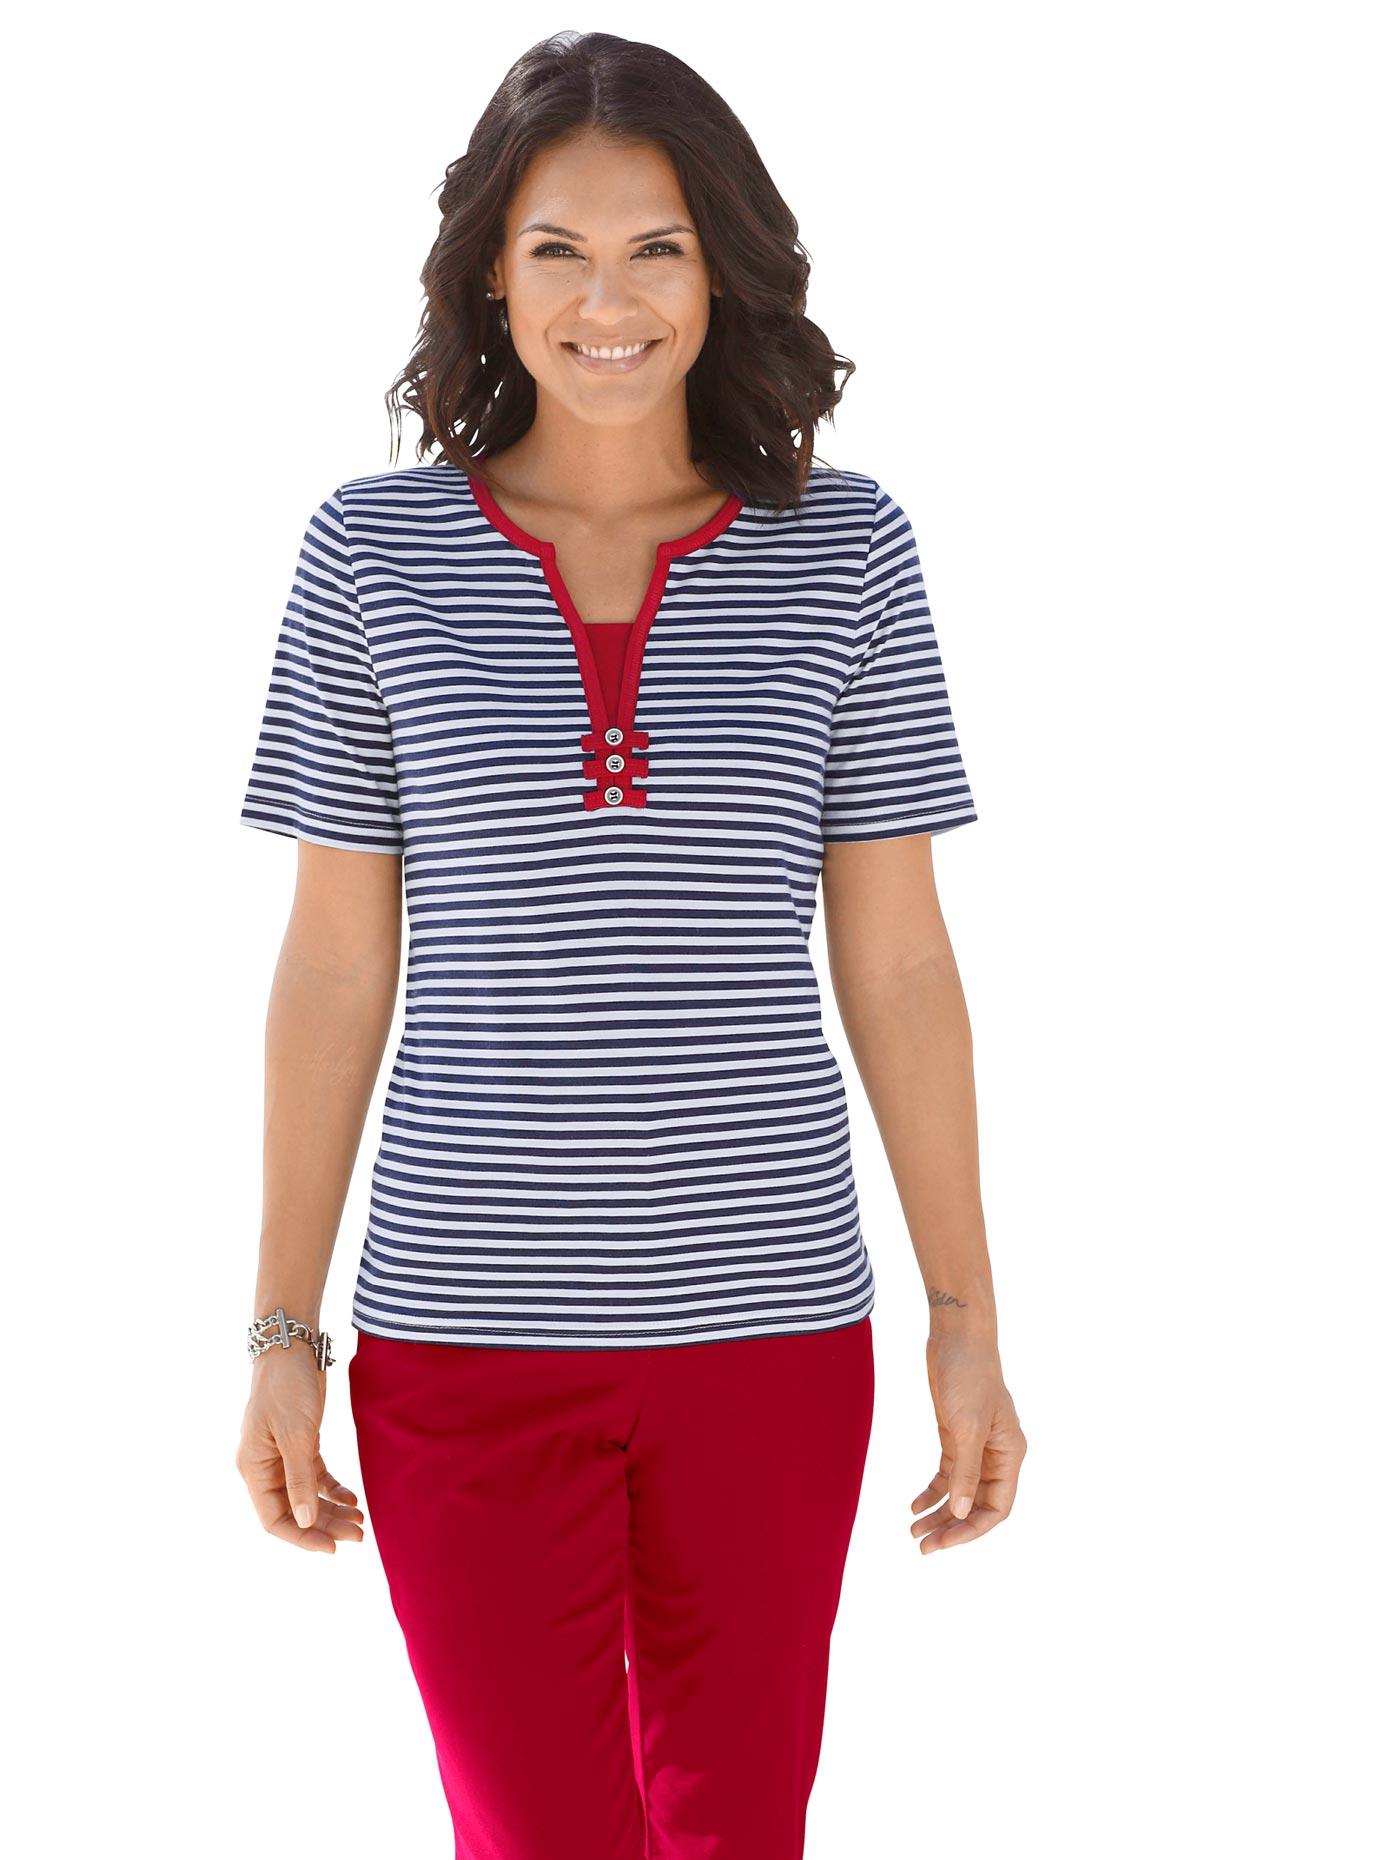 Casual Looks 2-in-1-Shirt mit dekorativem Kontrasteinsatz | Bekleidung > Shirts > 2-in-1 Shirts | Blau | Casual Looks